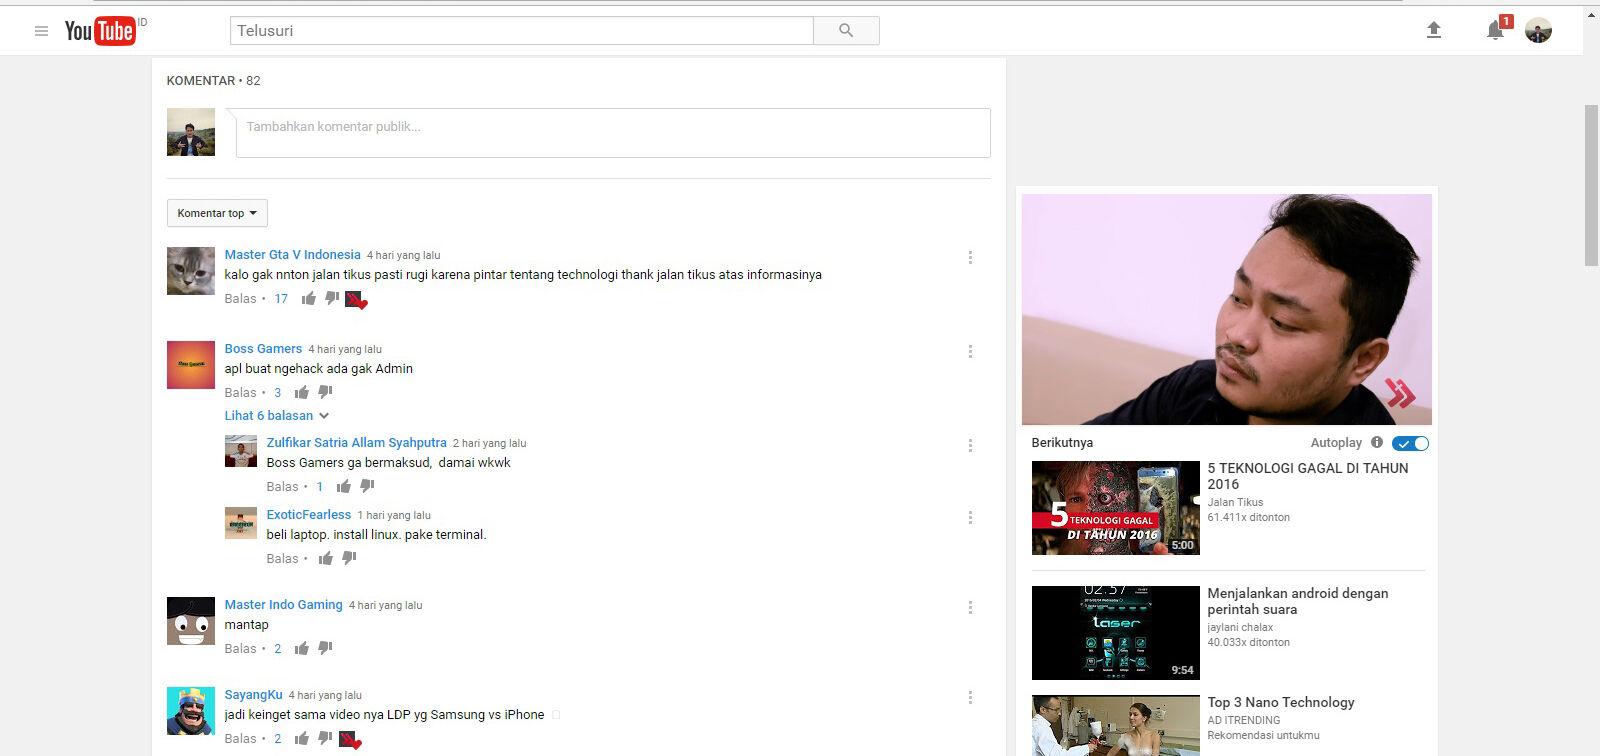 cara-nonton-youtube-sambil-baca-komentar-4